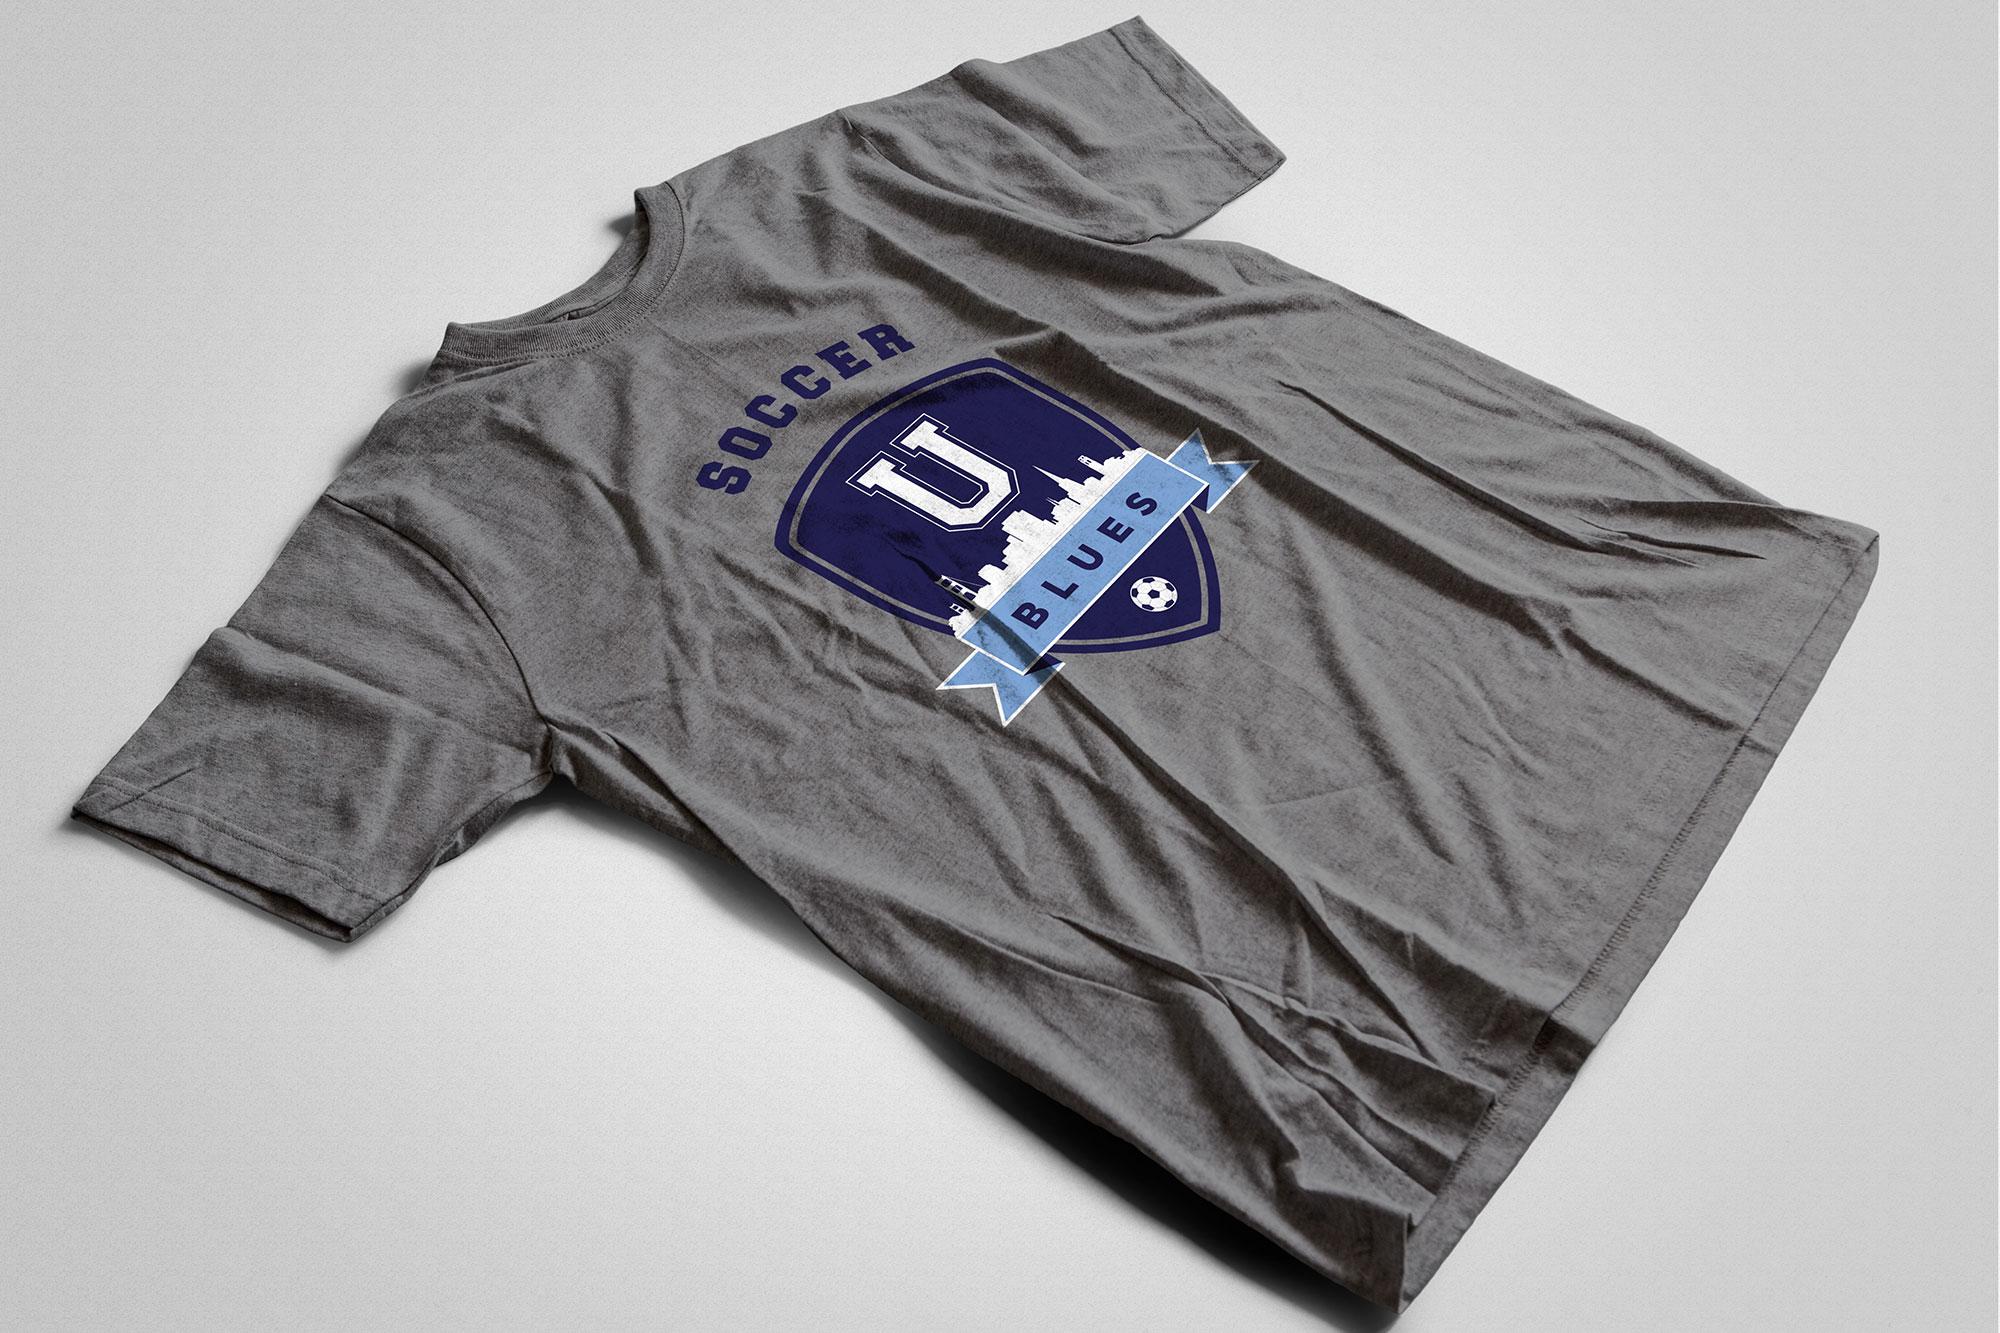 blues_shirt.jpg